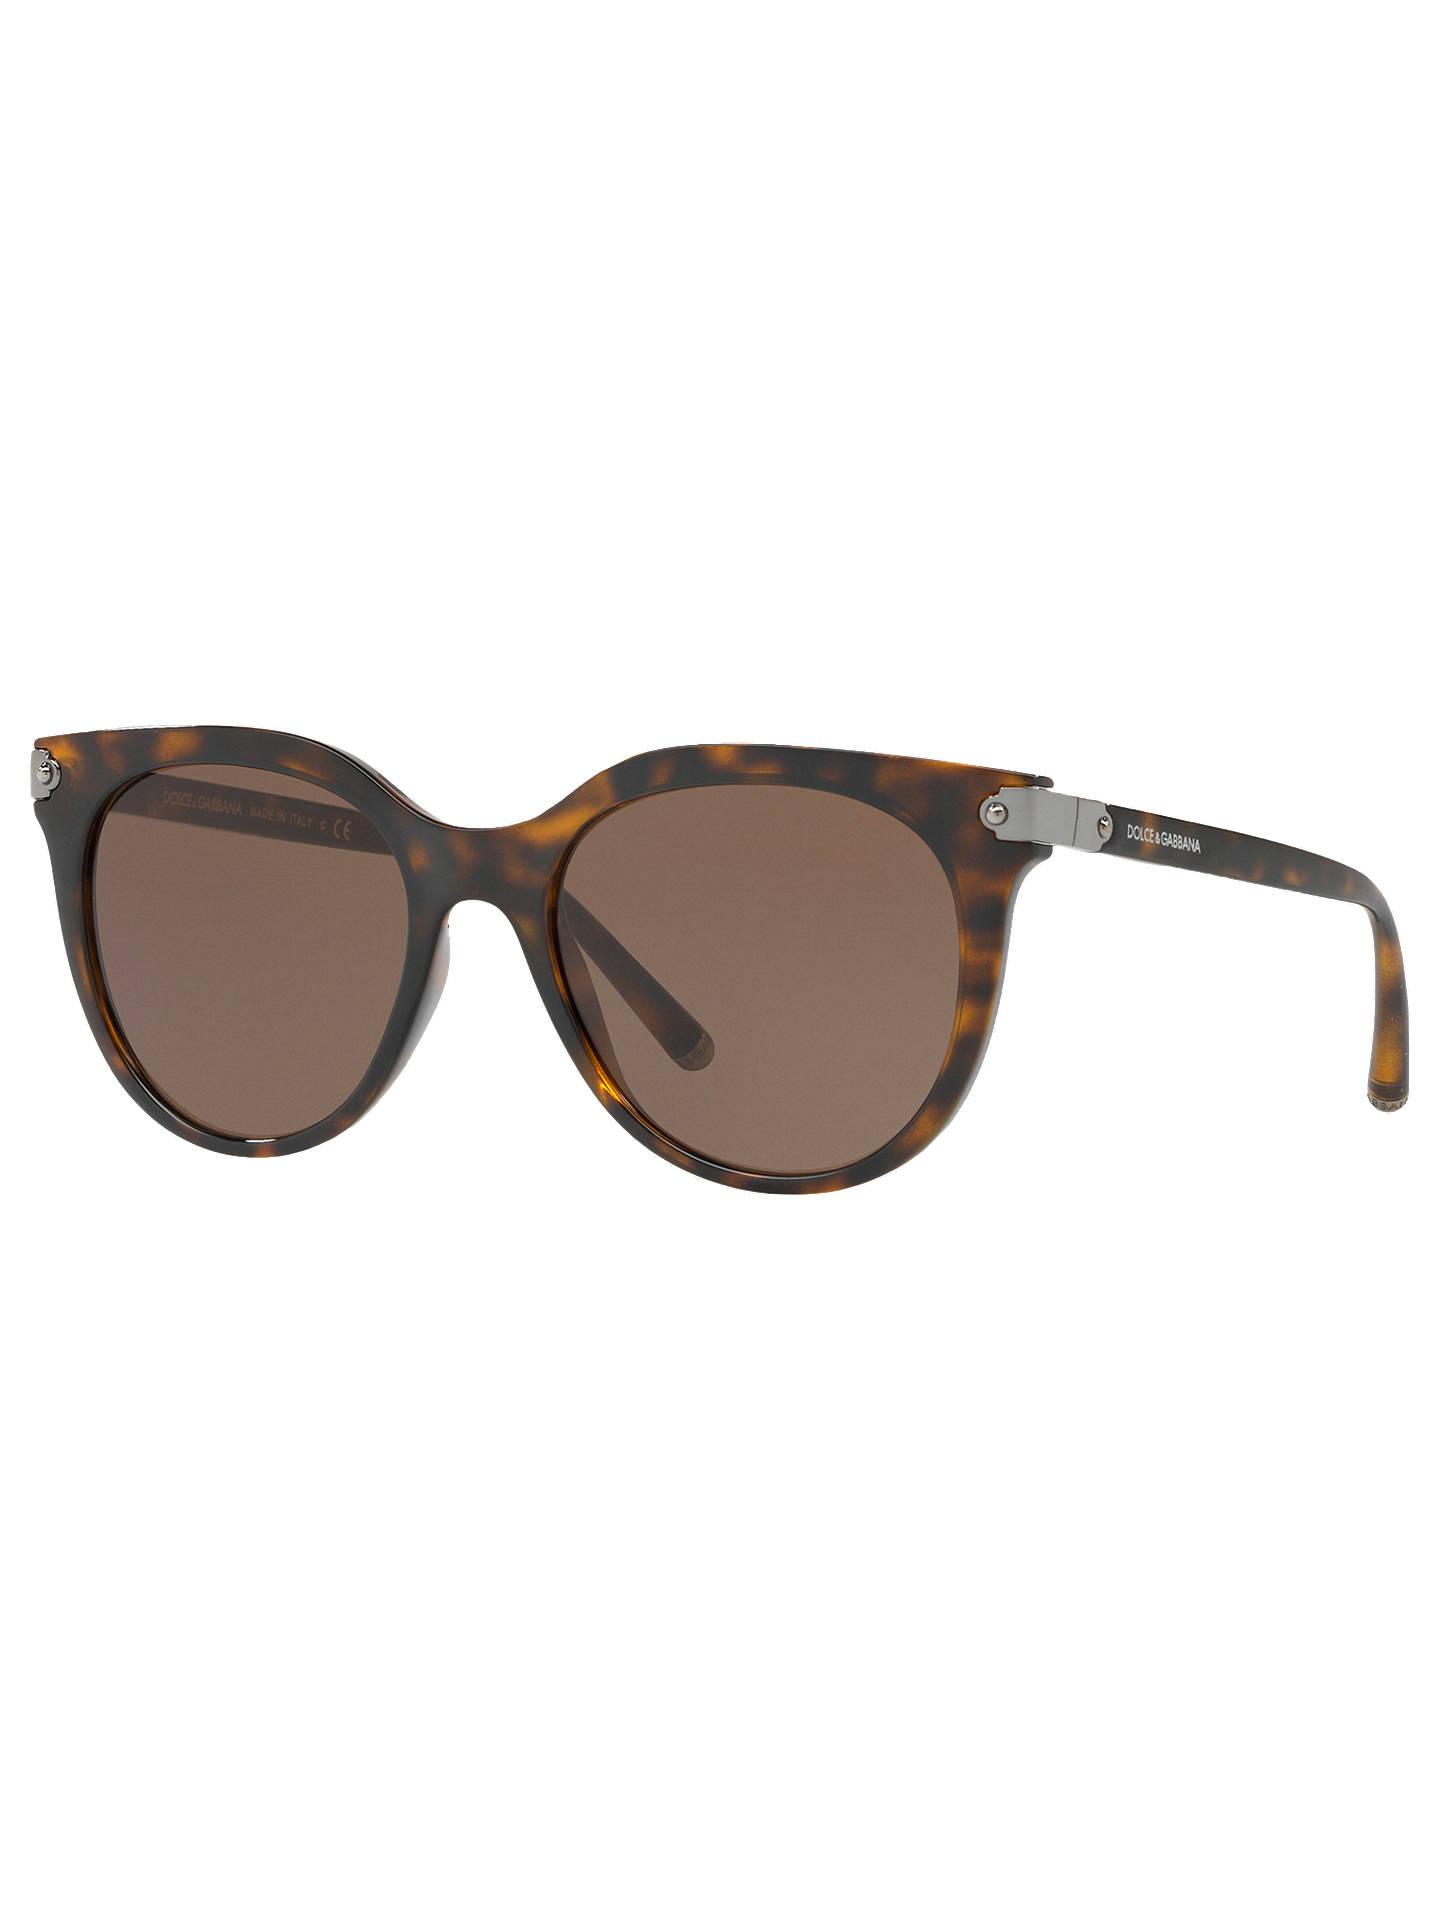 880ce24458d9 Buy Dolce & Gabbana DG6117 Women's D-Frame Sunglasses, Tortoise Brown  Online at johnlewis ...